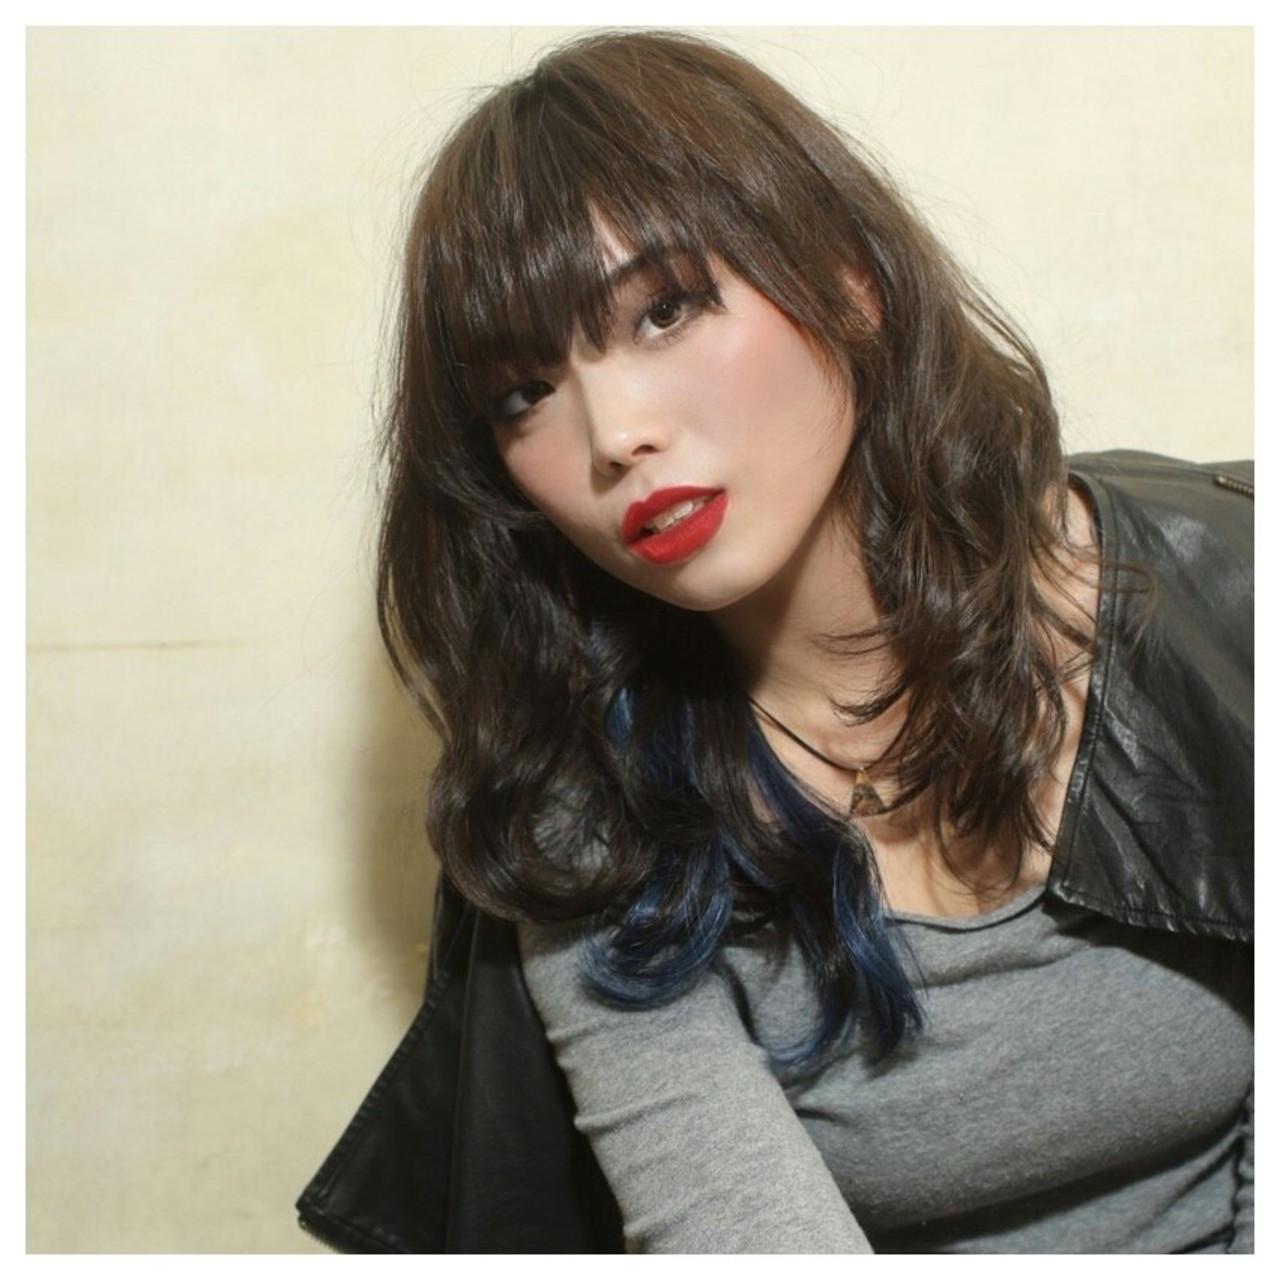 モード 暗髪 ロング うざバング ヘアスタイルや髪型の写真・画像